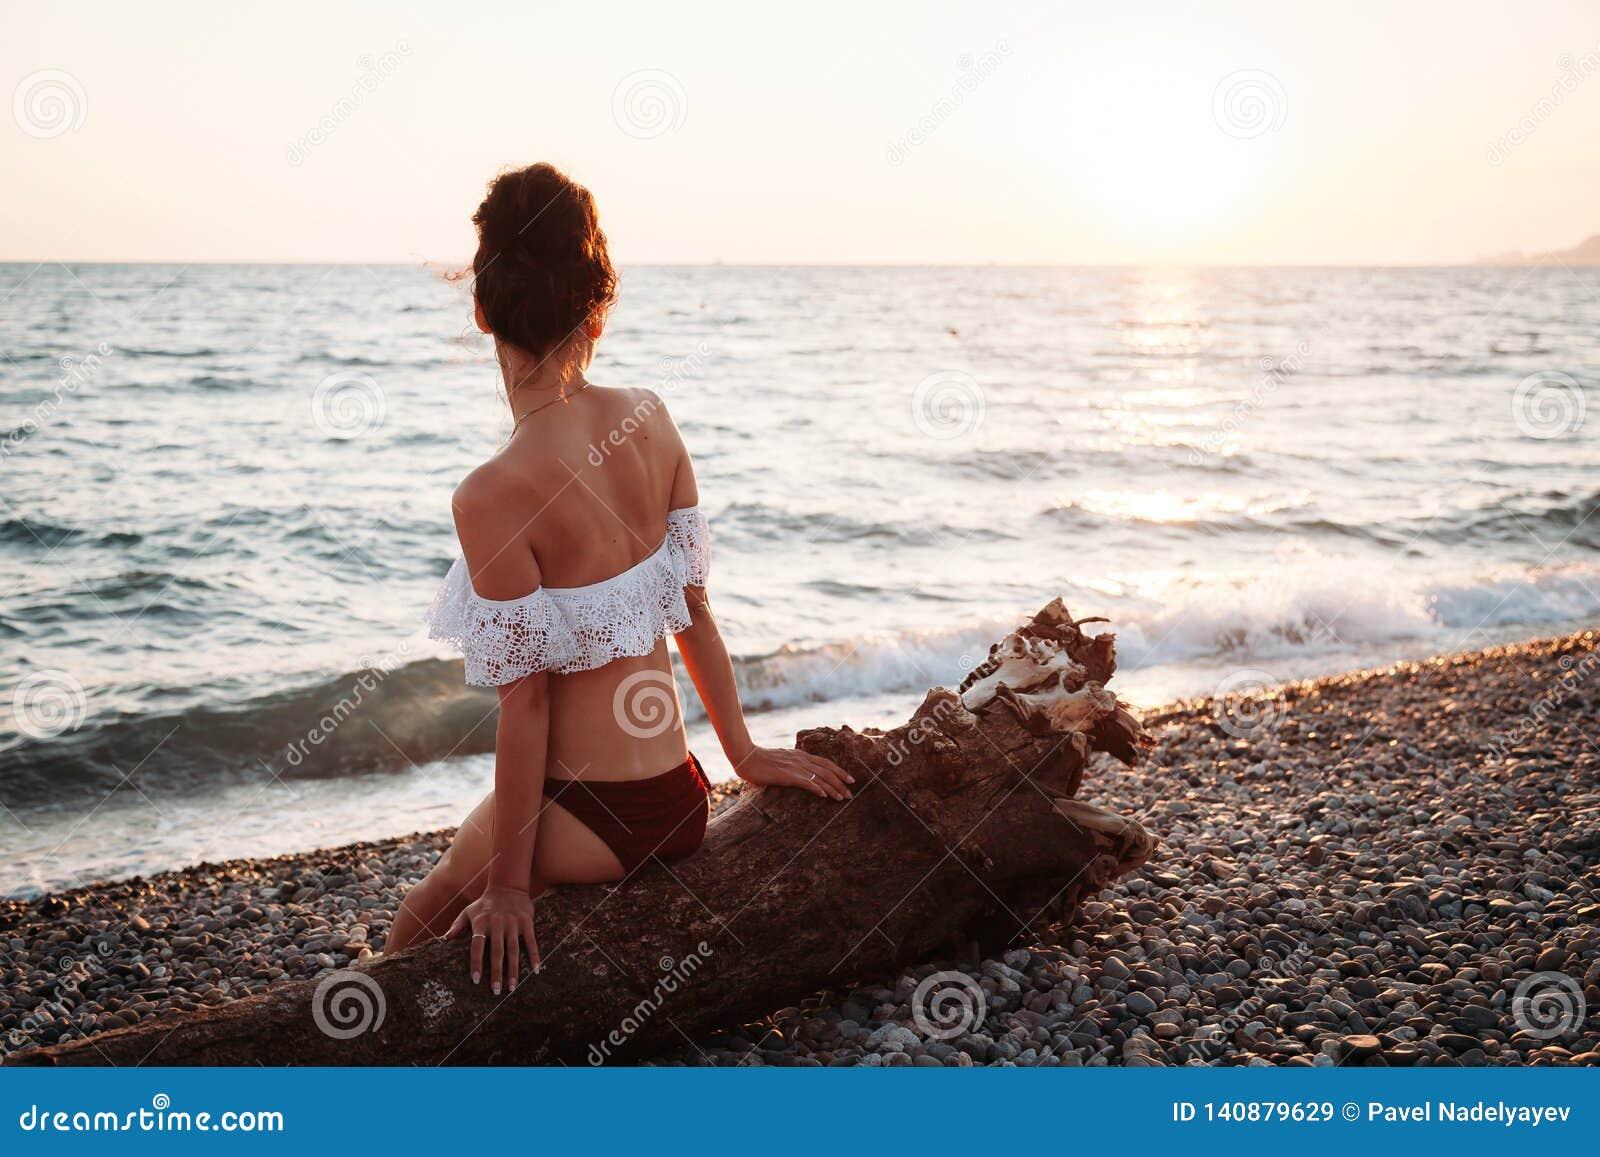 Die schöne junge Frau, die auf Strand bei Sonnenuntergang sitzt und meditiert